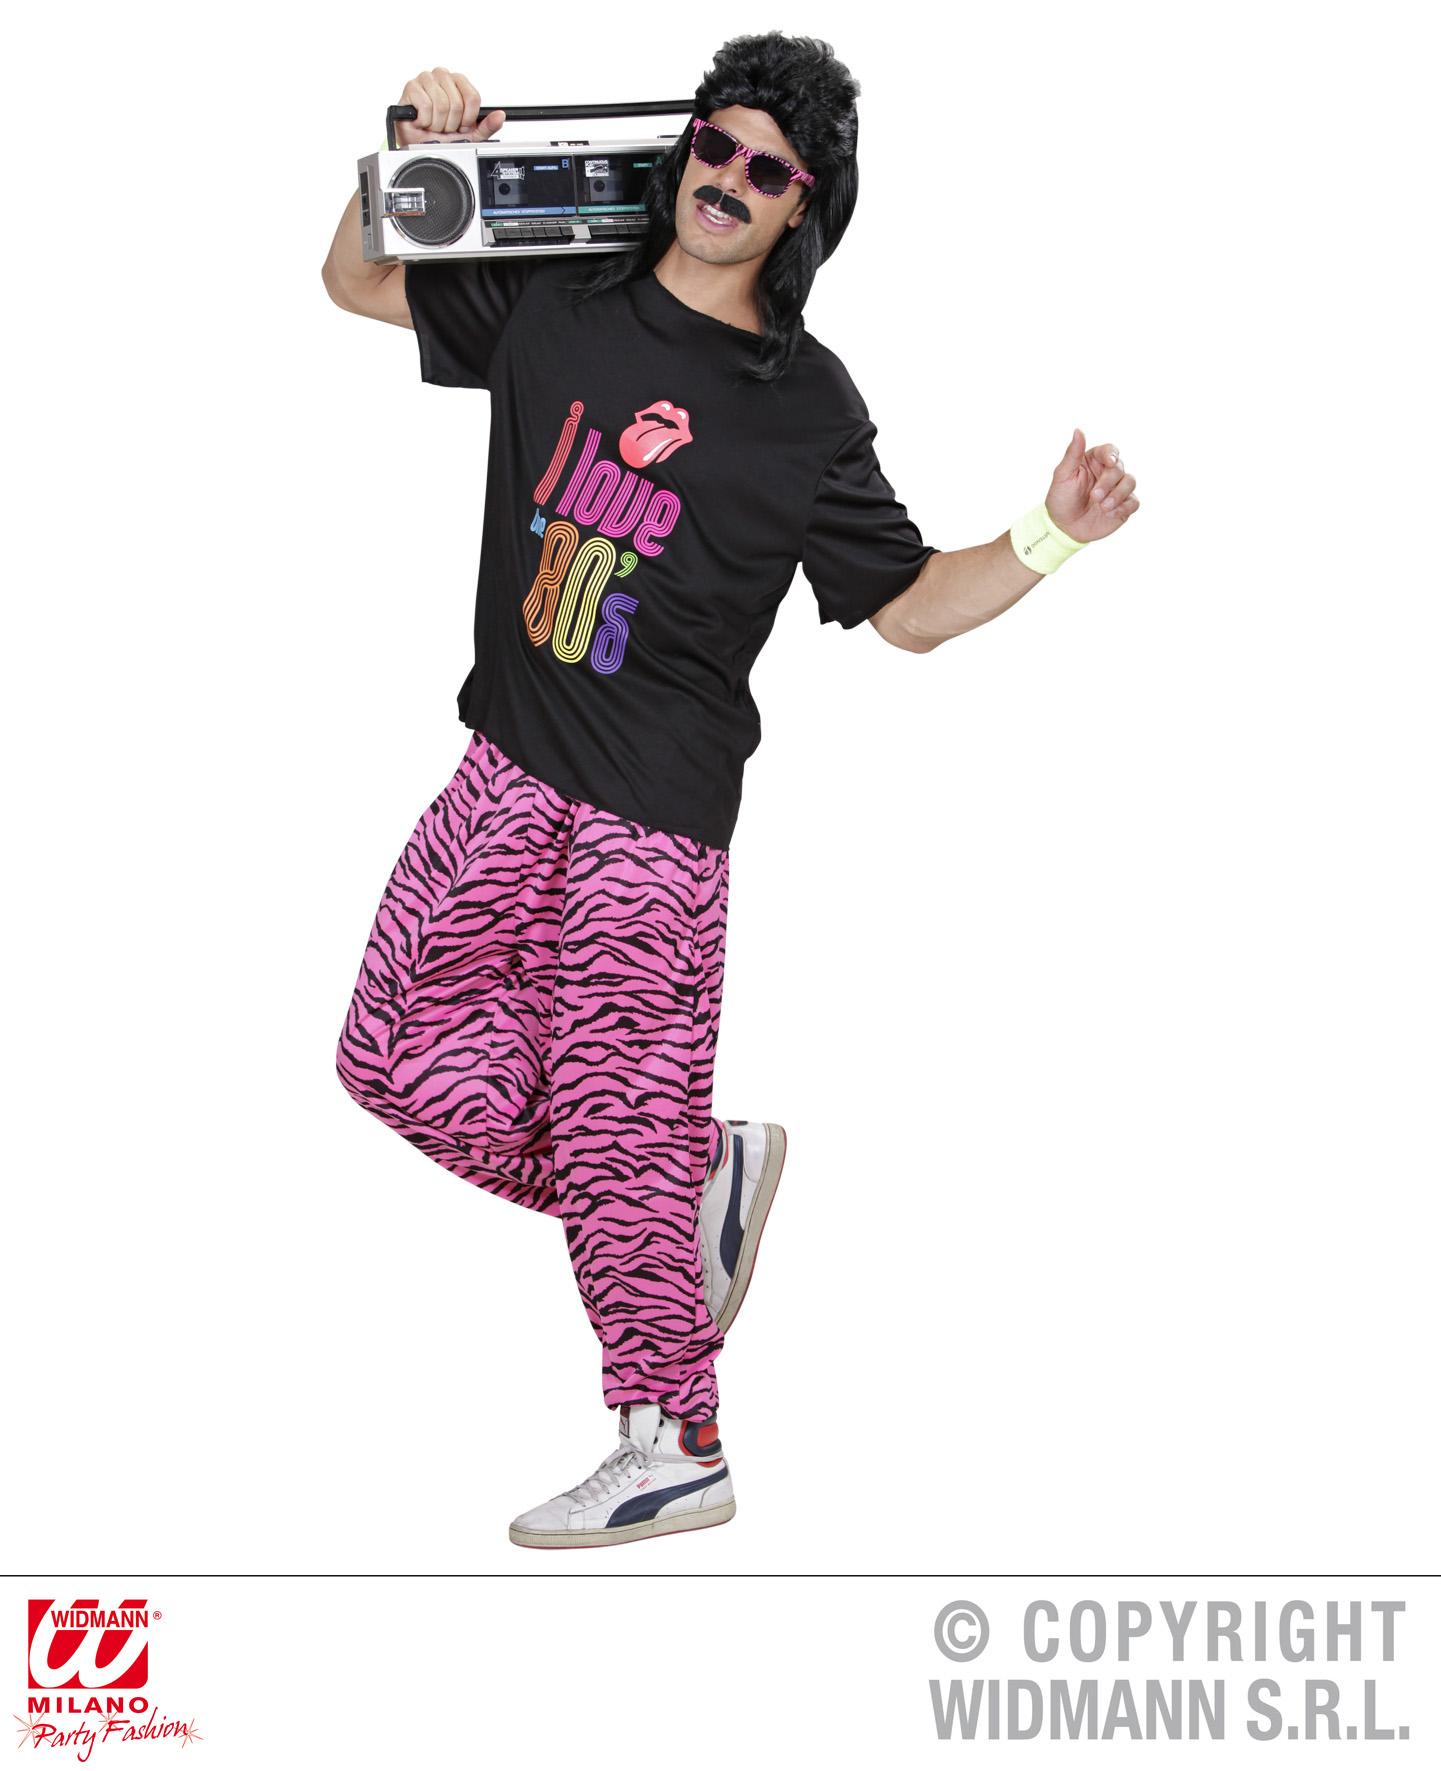 80er 90er jahre jogginghose trainingshose t shirt pink schwarz m l l xl 9885 - 90er jahre deko ...